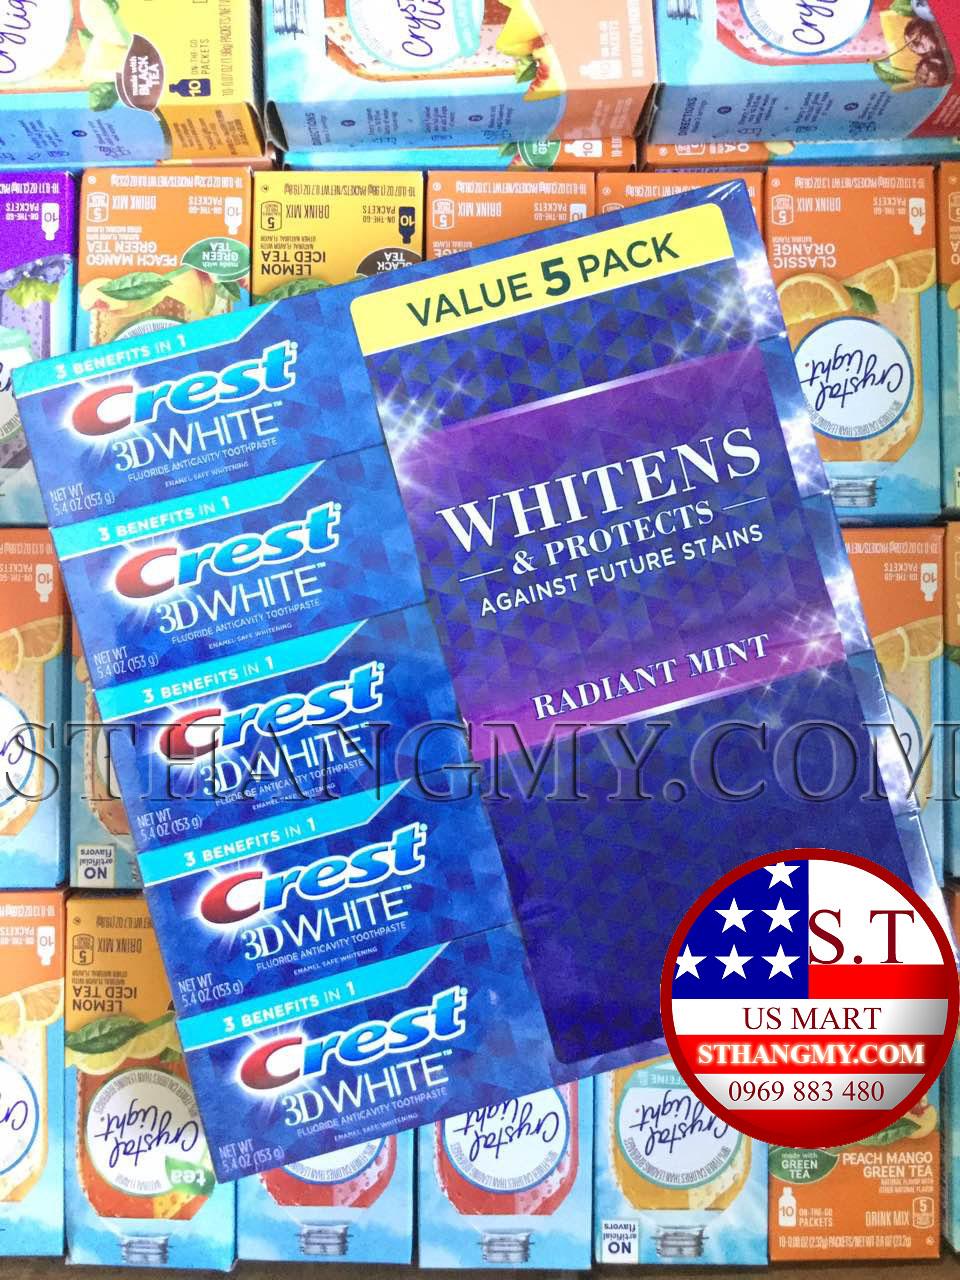 Lốc 5 tuýp Kem đánh răng Crest 3D white Radiant Mint- răng trắng sáng hơn sau mỗi lần sử dụng.